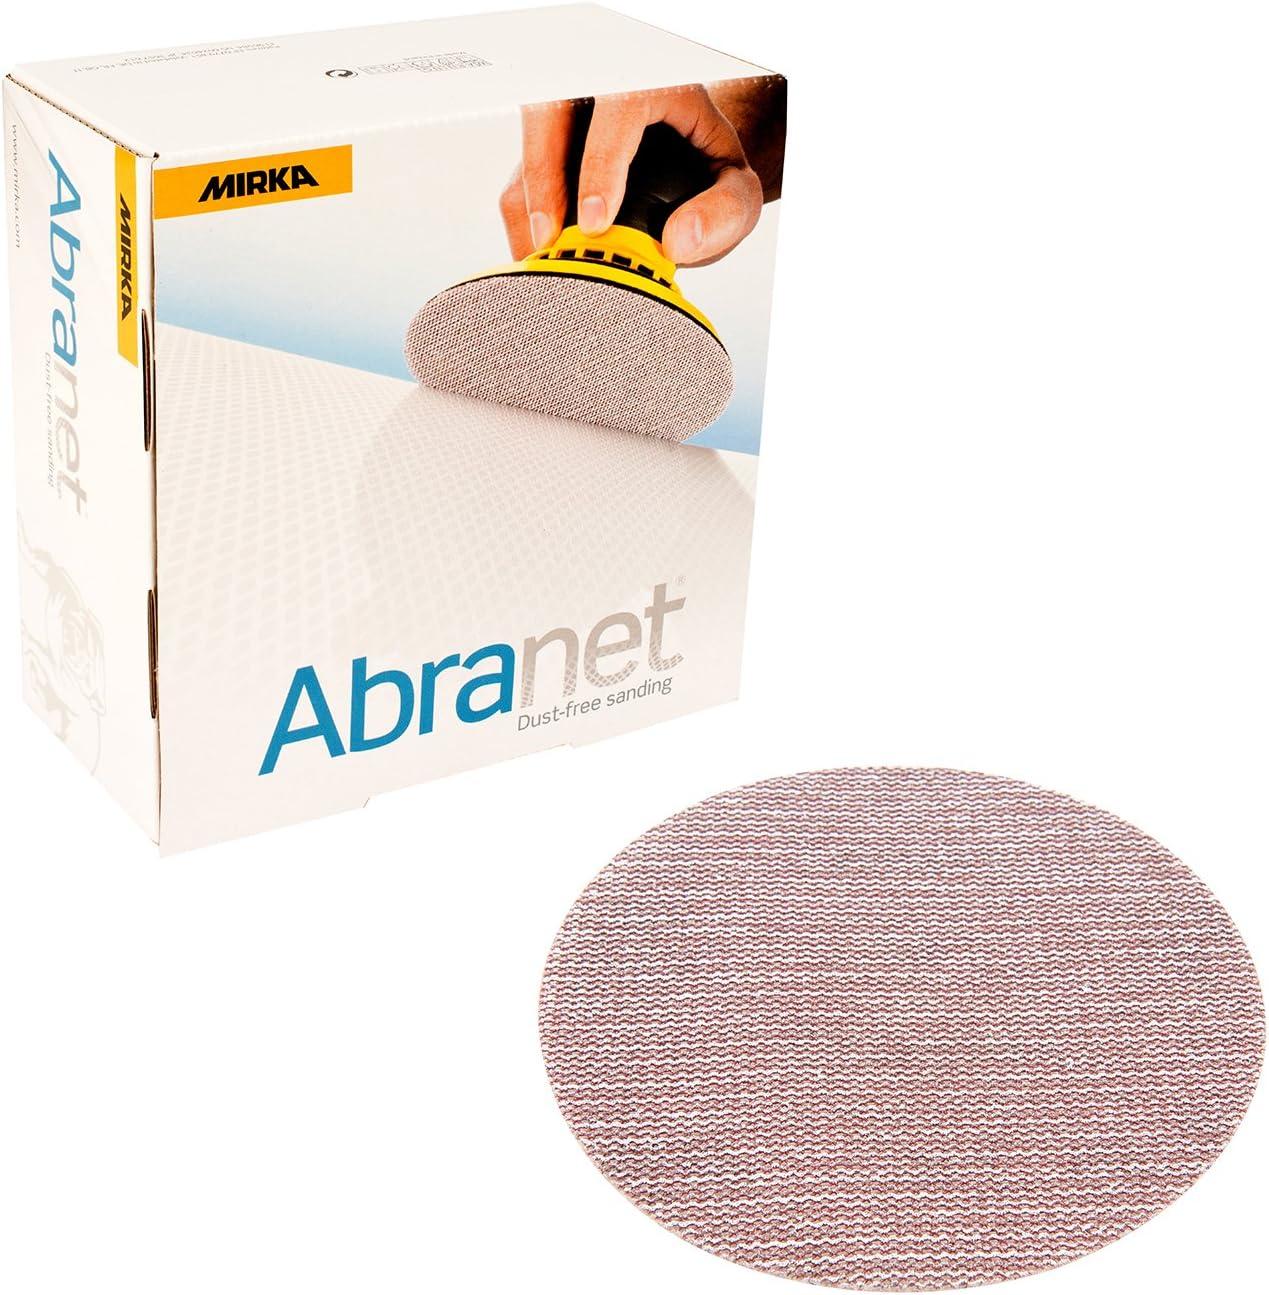 """Mirka 9A-241-AP Abranet 6"""" Sanding Disc Assortment, 35 pack"""